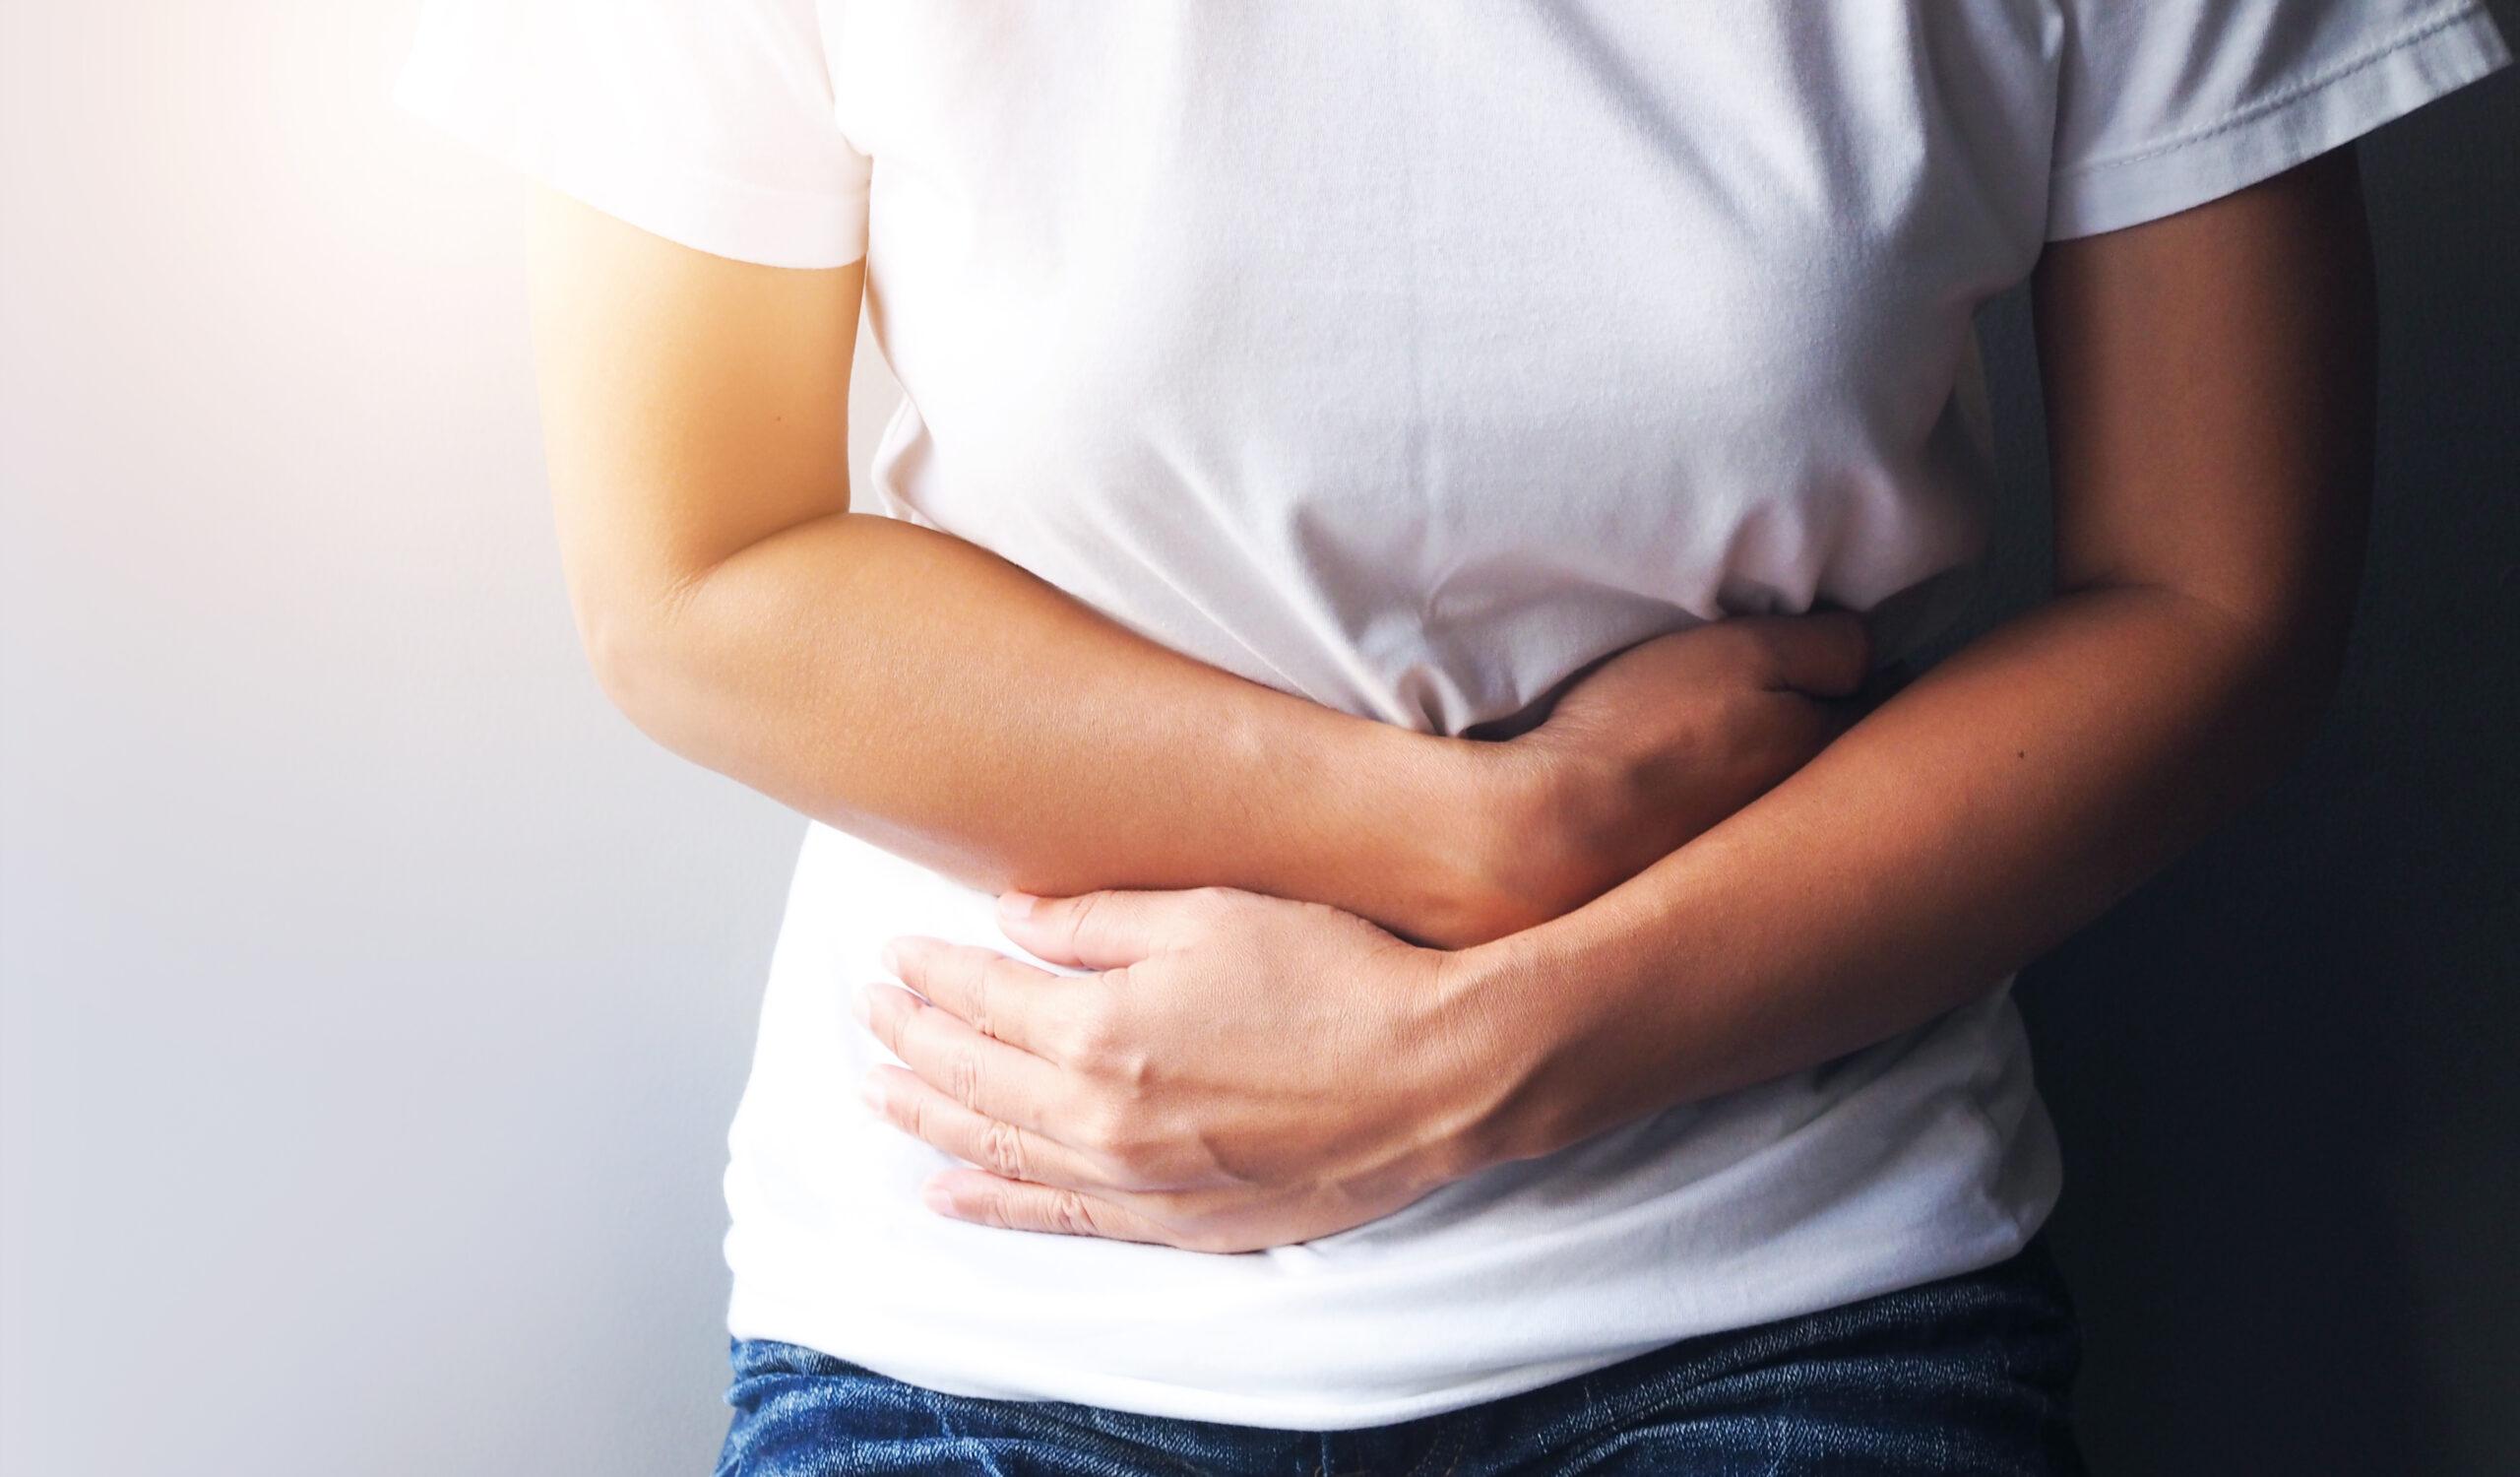 Din sundhed bor i tarmen